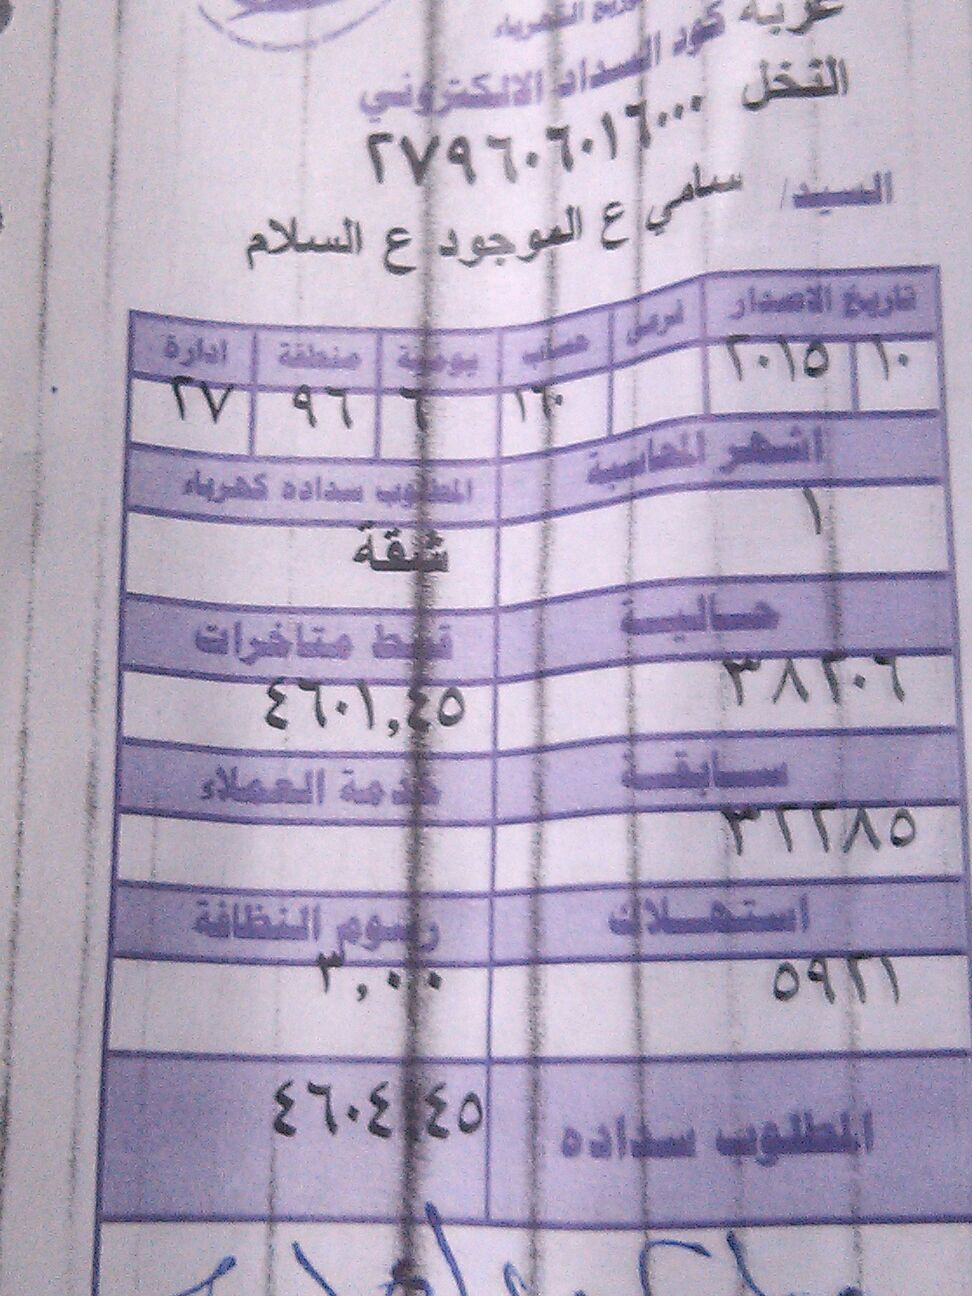 4600 جنيه في الشهر.. فاتورة كهرباء شقة تتكون من غرفتين